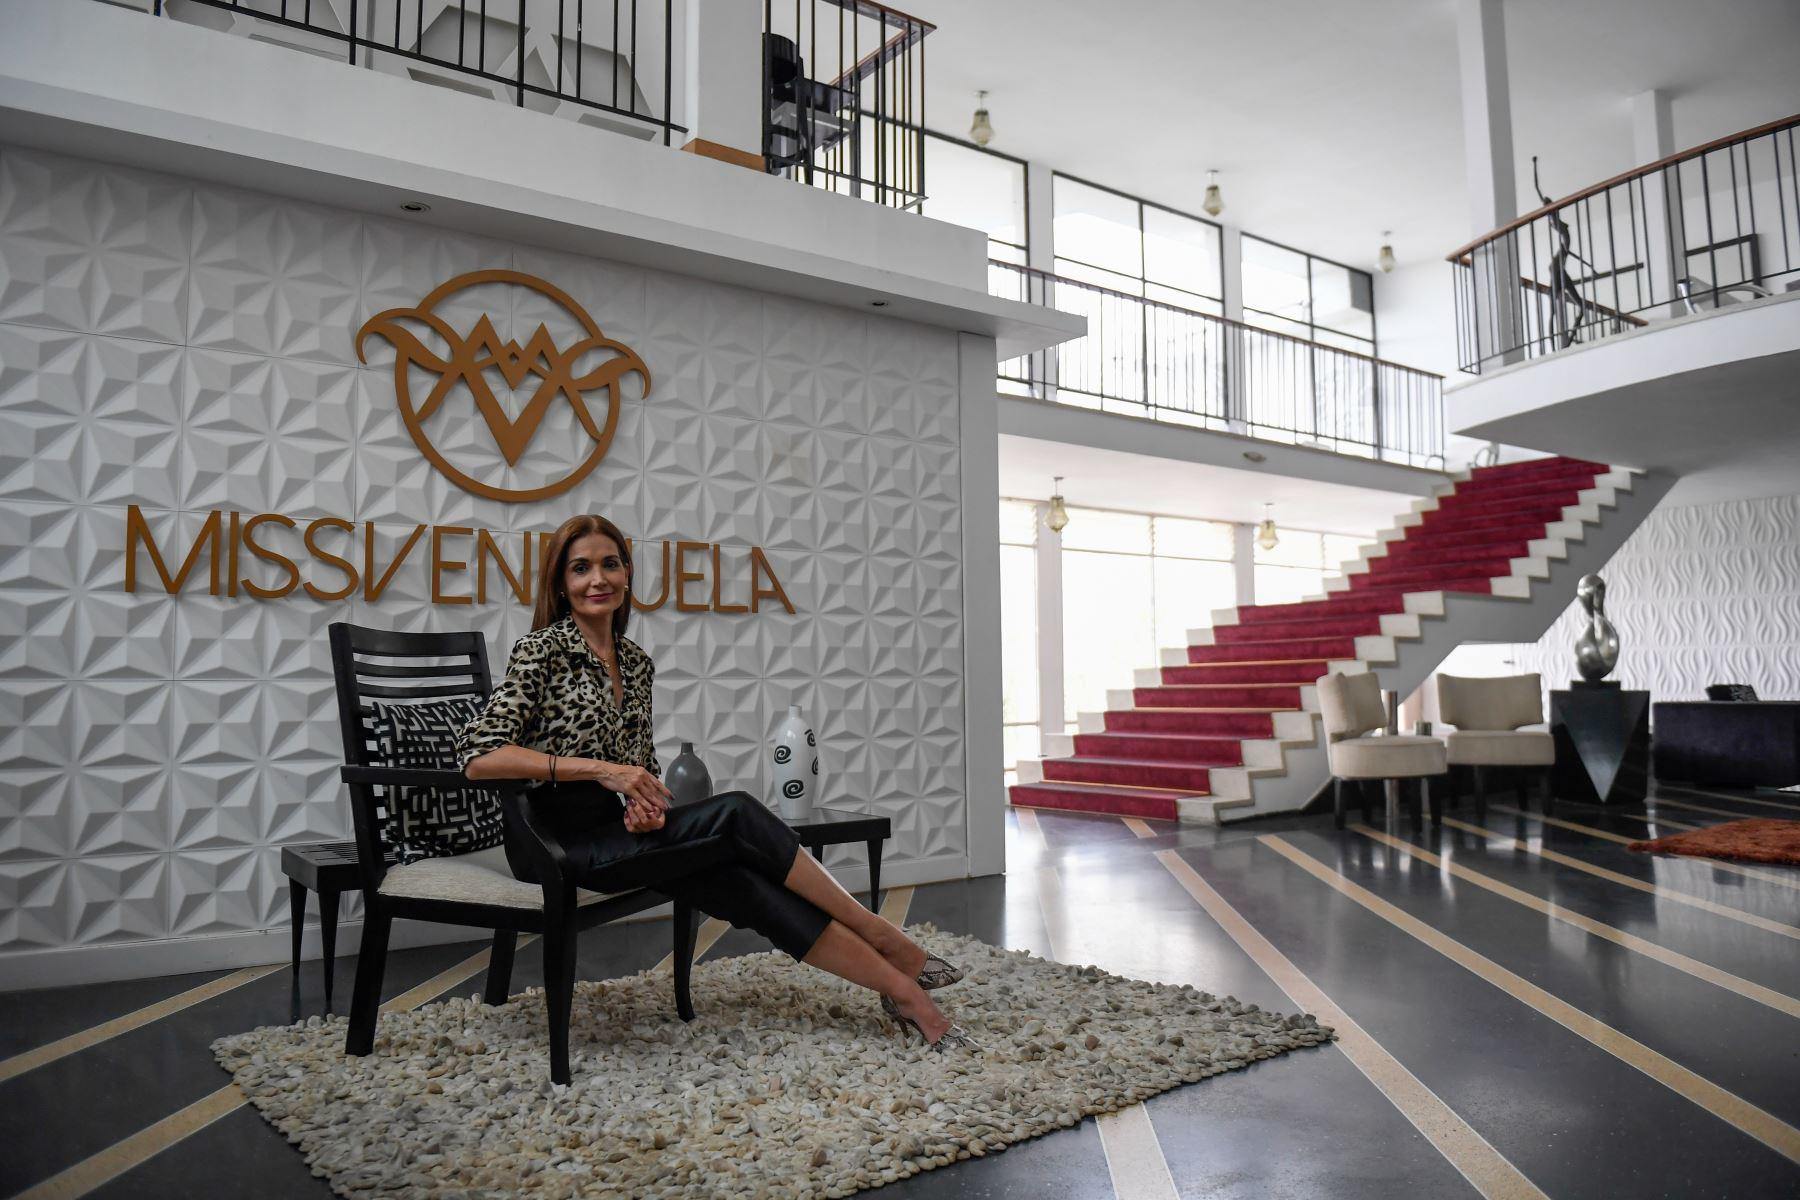 La Gerente General del certamen de belleza Miss Venezuela, Ninia Sicilia, posa luego de una entrevista, en la estación de televisión Venevisión, en Caracas. Foto: AFP